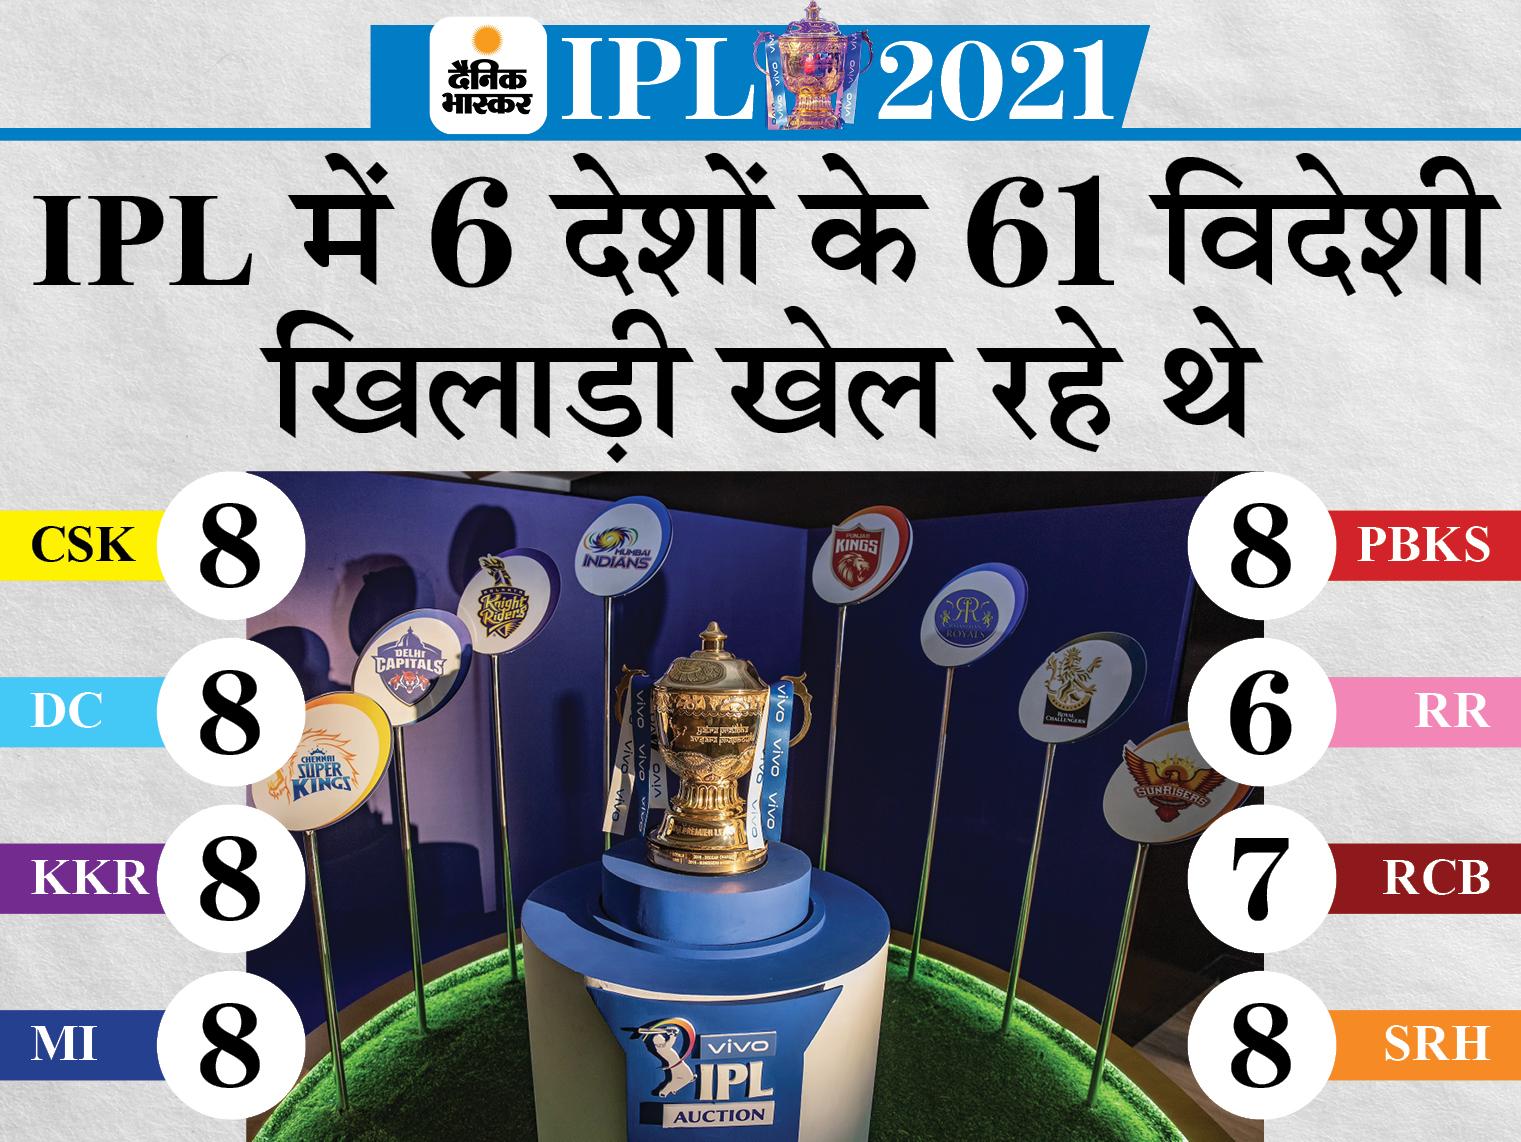 विदेशी खिलाड़ियों को उनके घर पहुंचाना BCCI की सबसे बड़ी चुनौती; UAE, ऑस्ट्रेलिया जैसे देशों ने भारत से आने वाली फ्लाइट्स पर रोक लगाई IPL 2021,IPL 2021 - Dainik Bhaskar